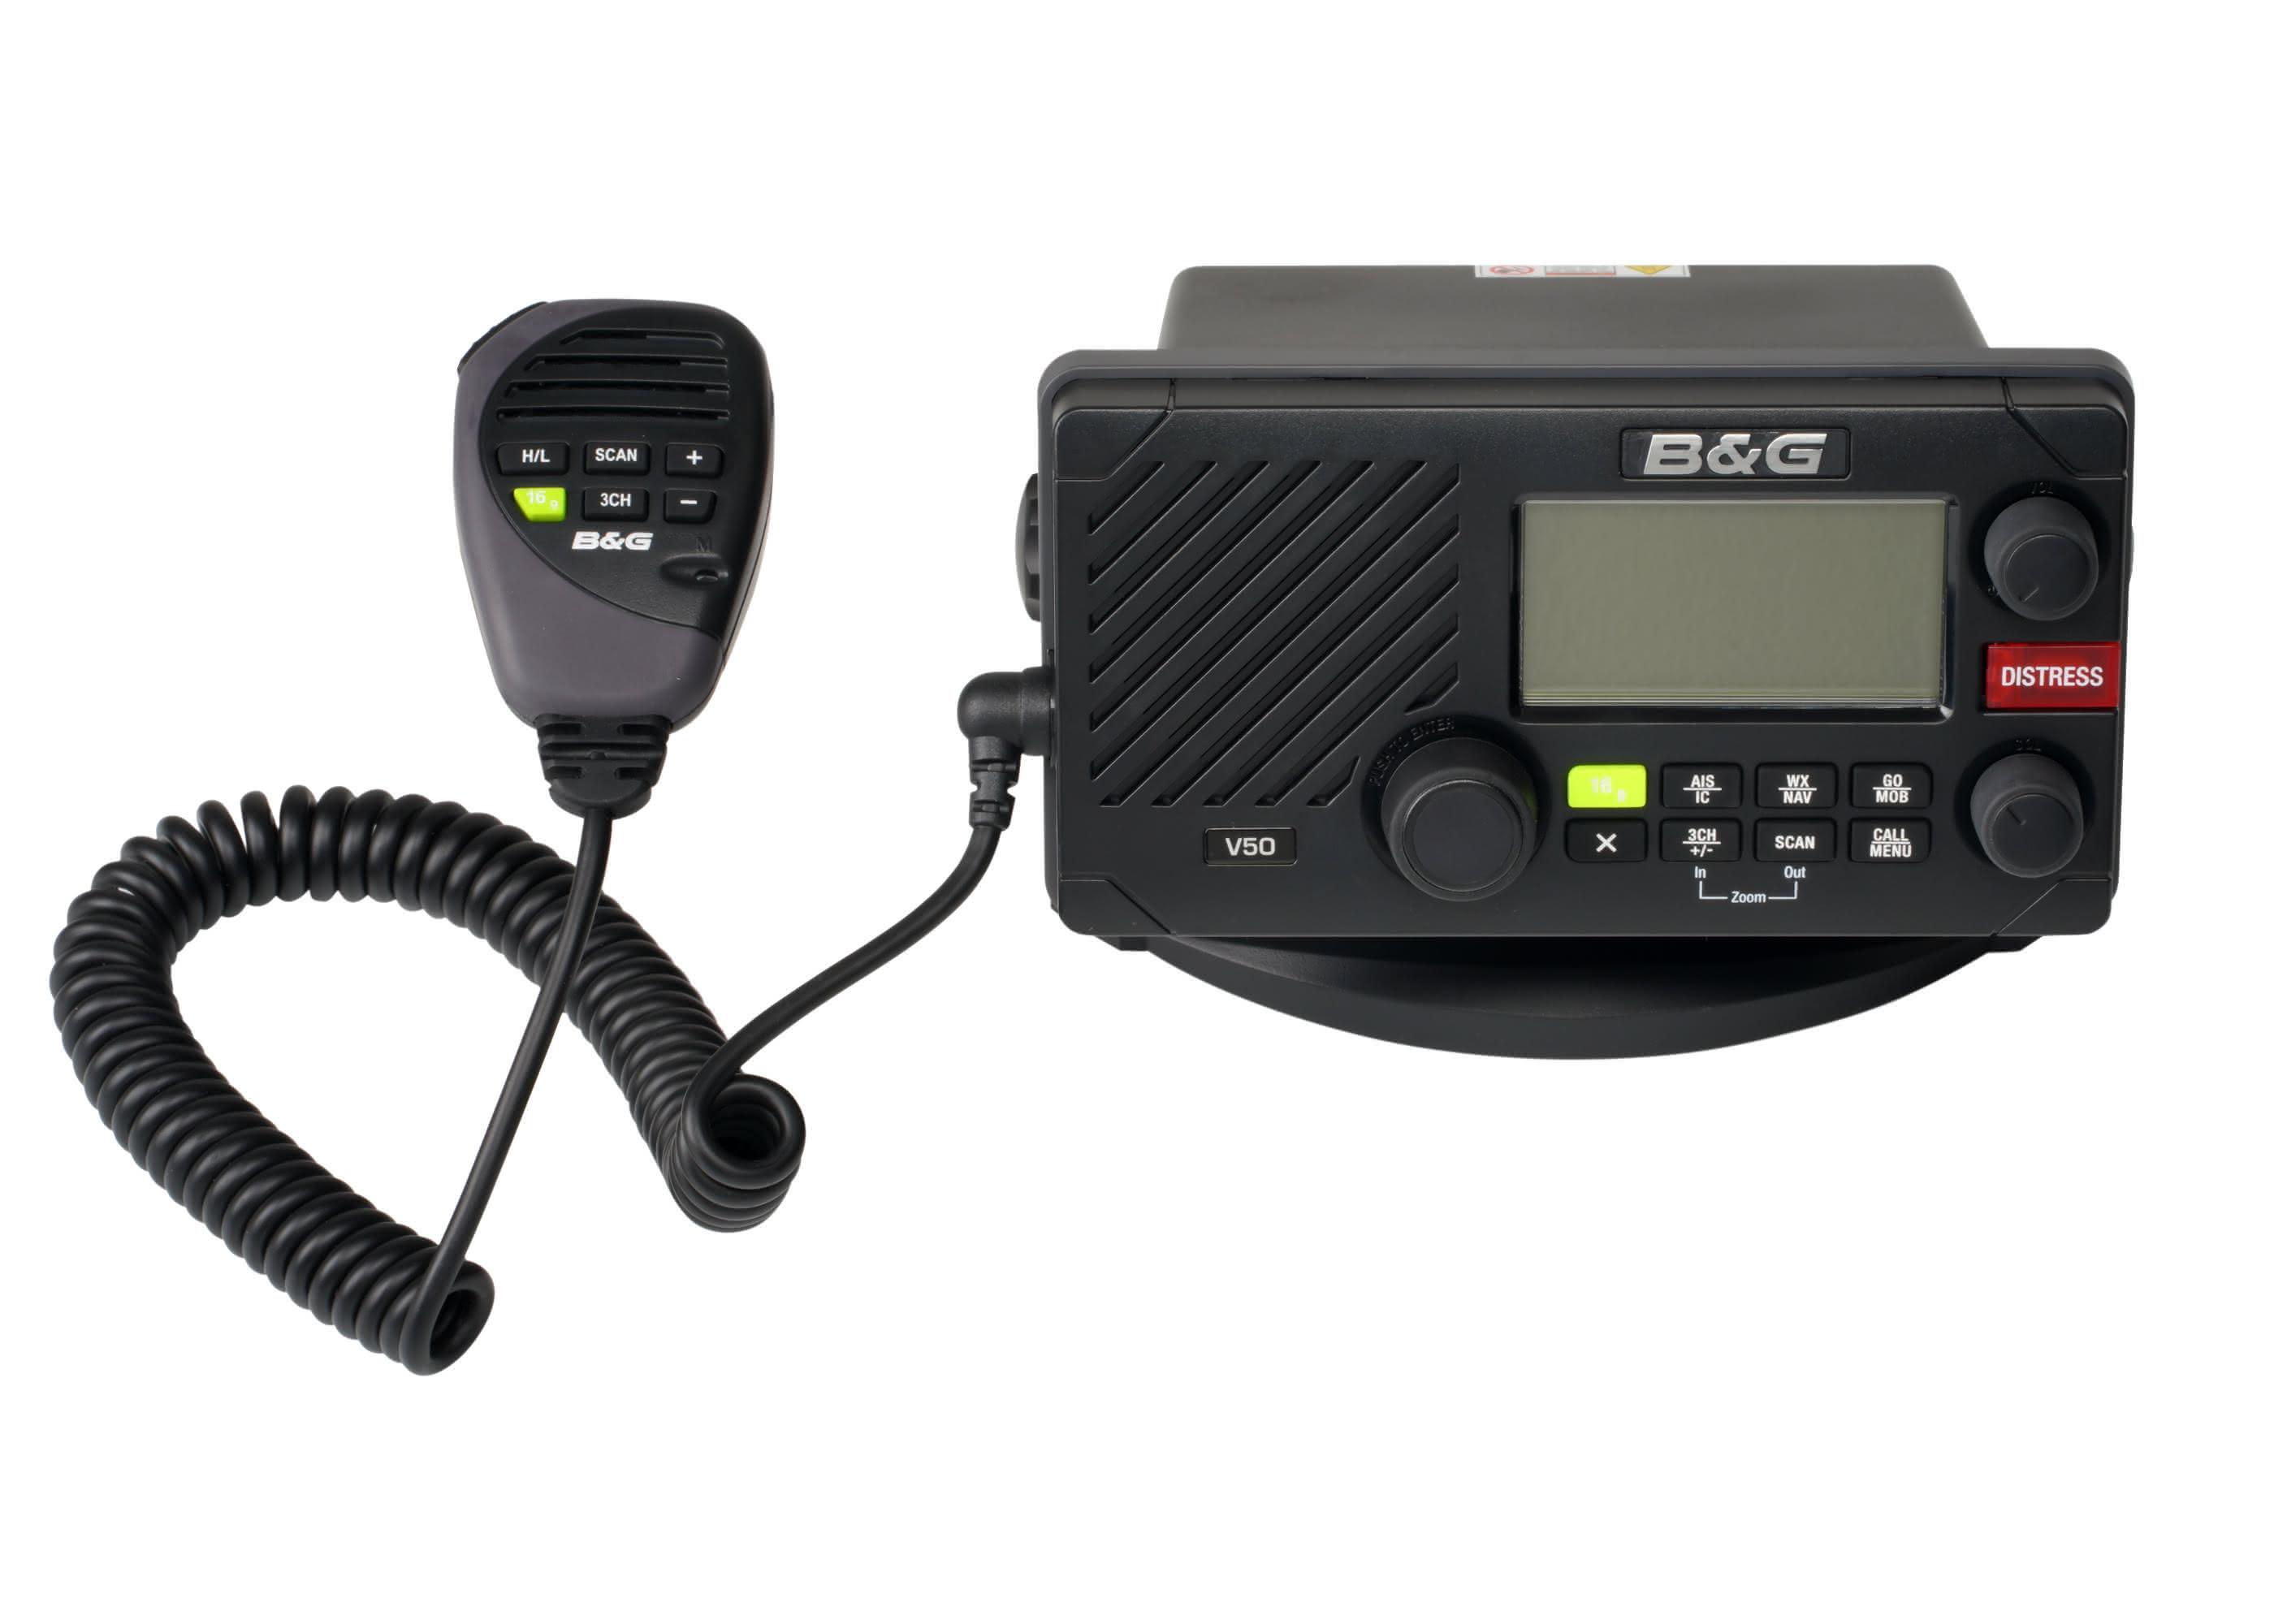 93656-B+G-DSC-UKW-Funke-V50-1.jpg